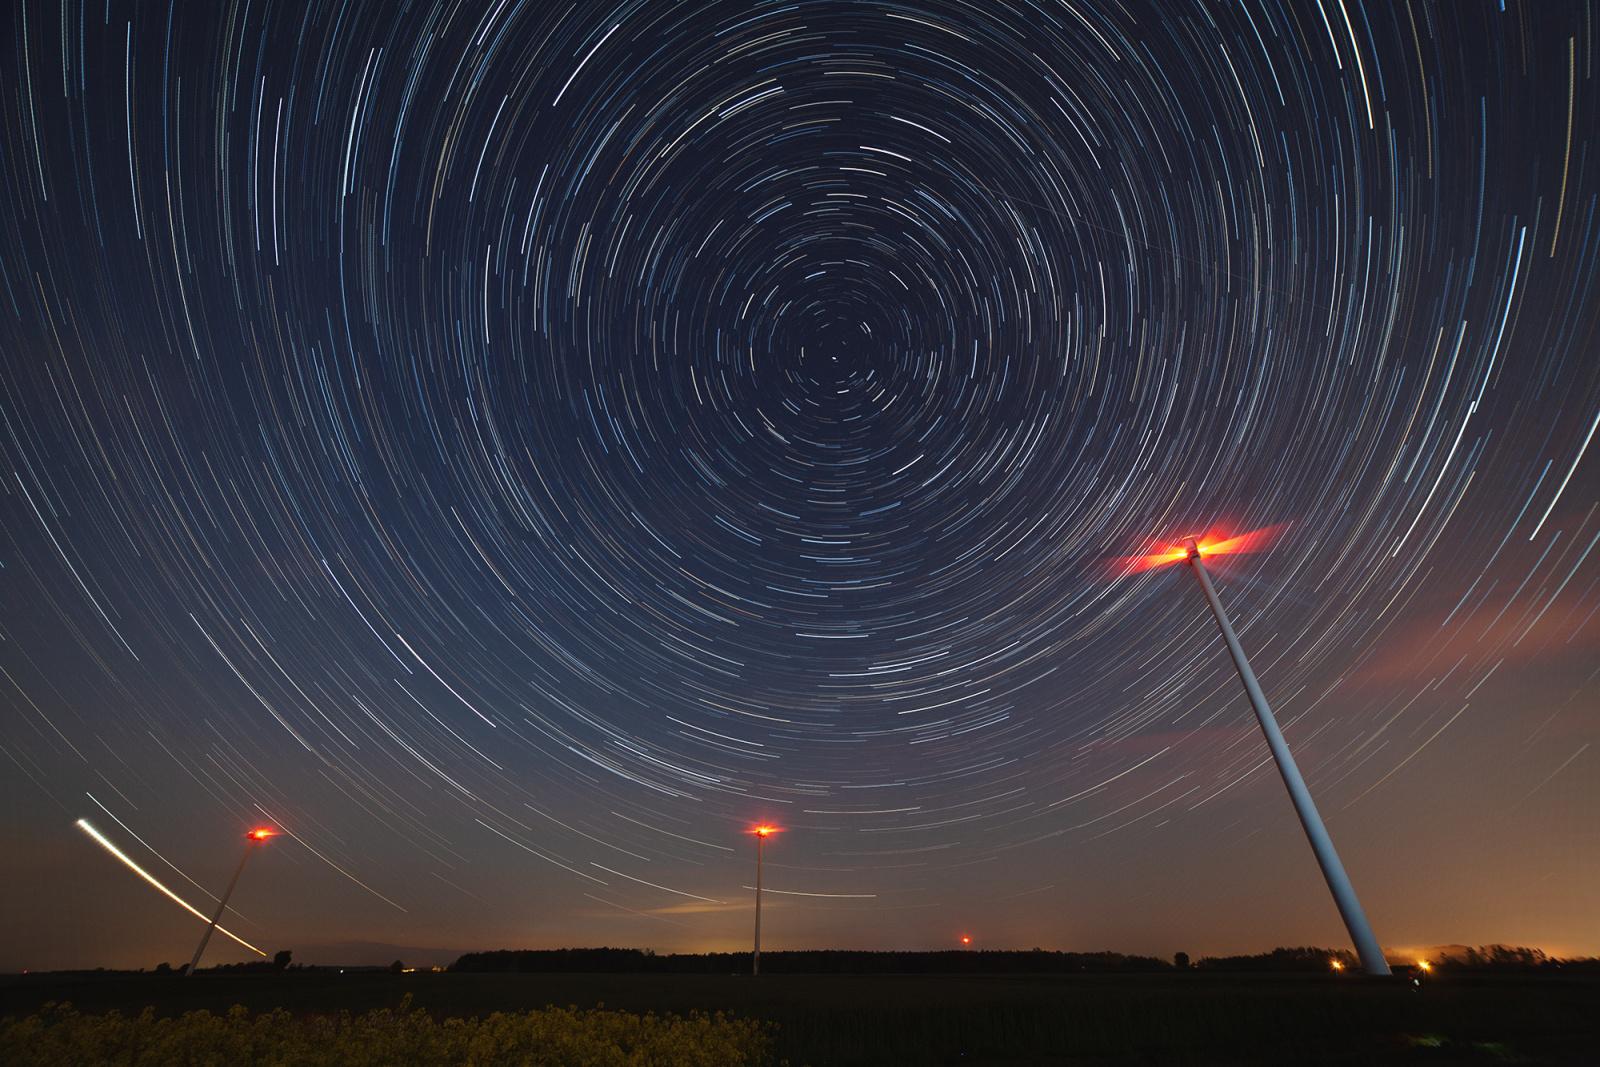 Startrail_windmills_full_5DMkII_AUTOBRon_HDRon_2000px.jpg